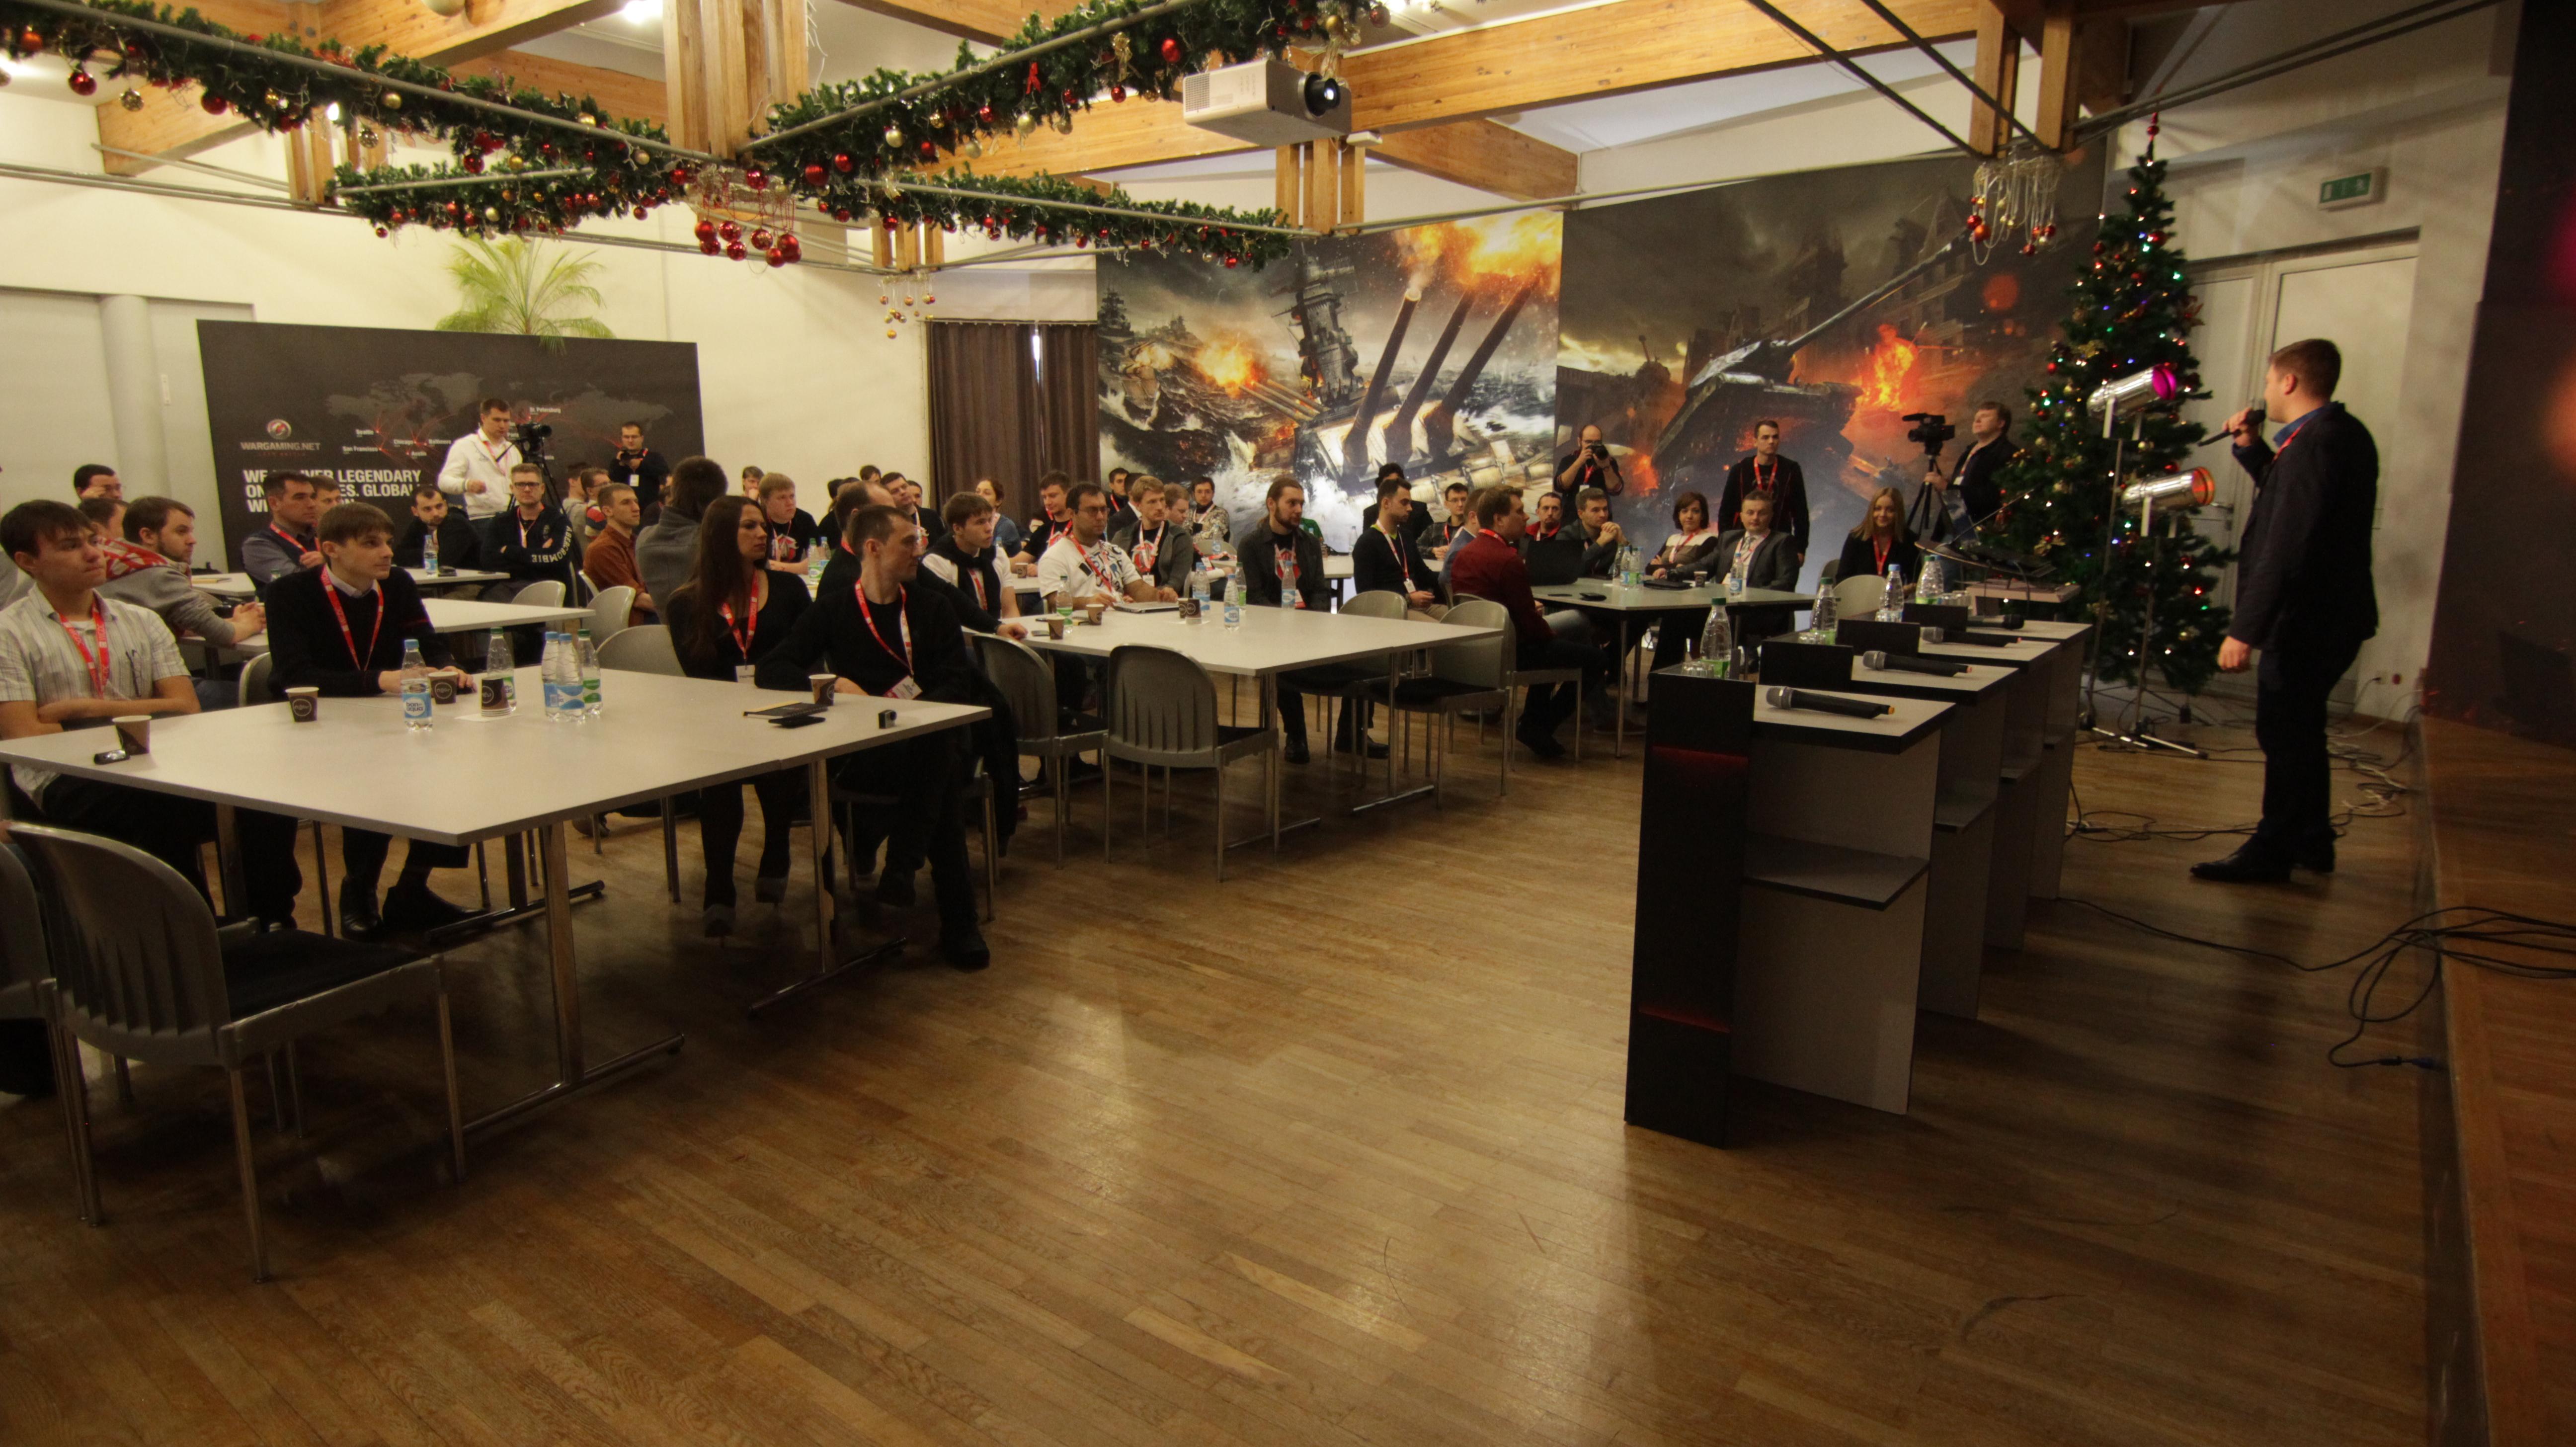 WGN_Photos_WGDC_Conference_Image_25